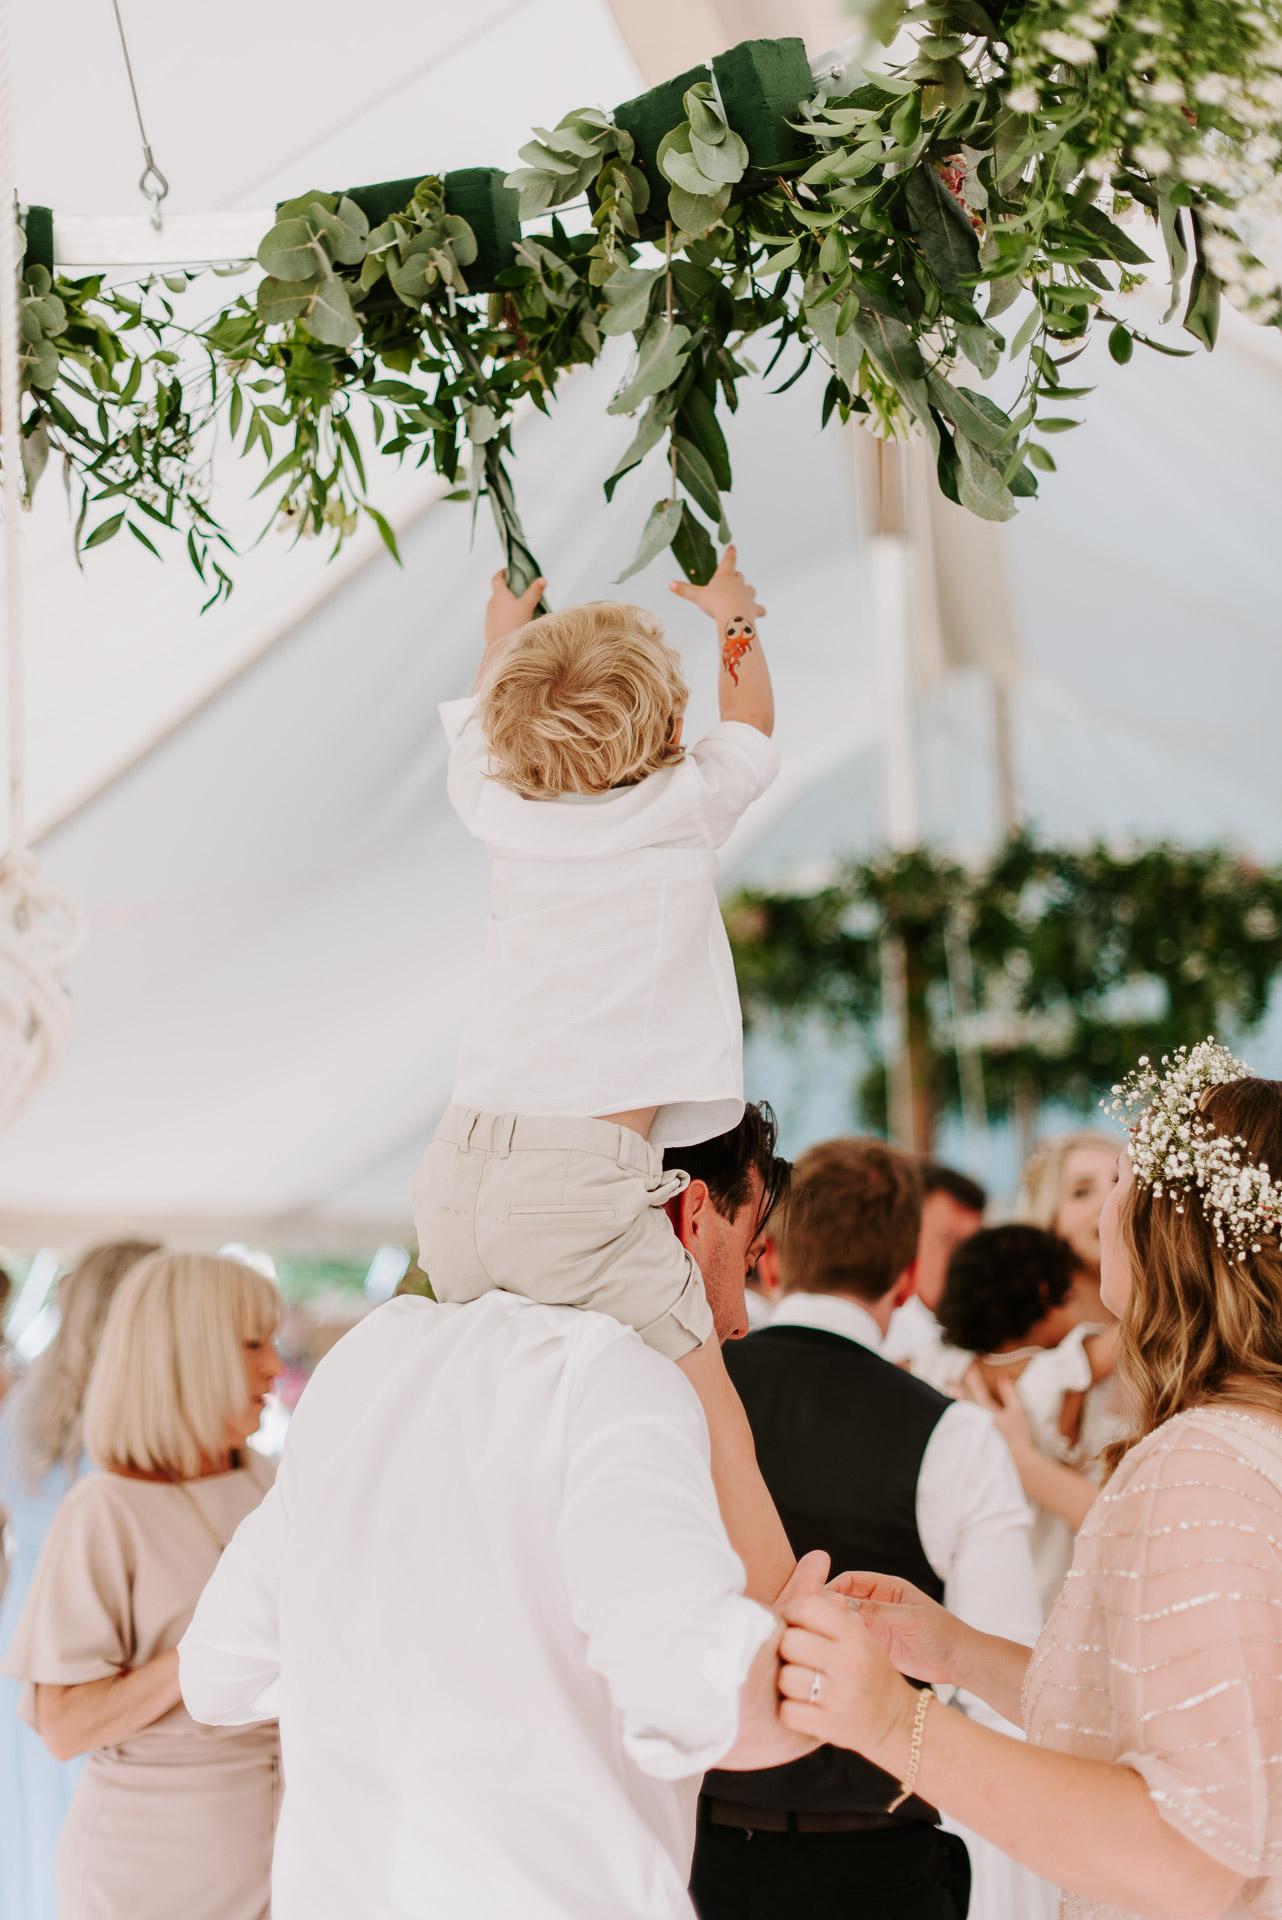 Henny_Jamie_East Sussex_Wedding_64.jpg